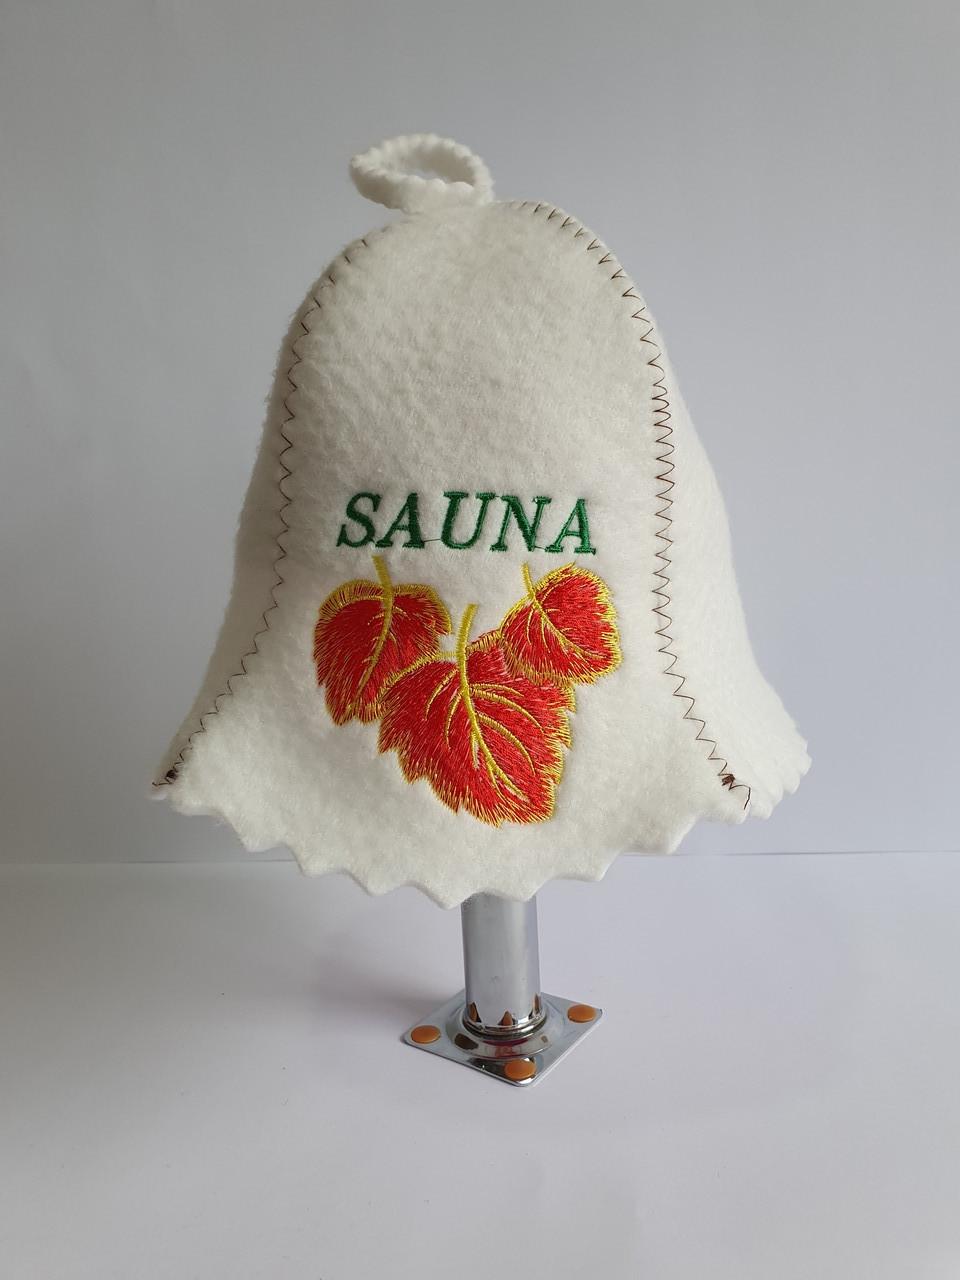 Шапка для бані та сауни з яскравою вишивкою Sauna золоте листя